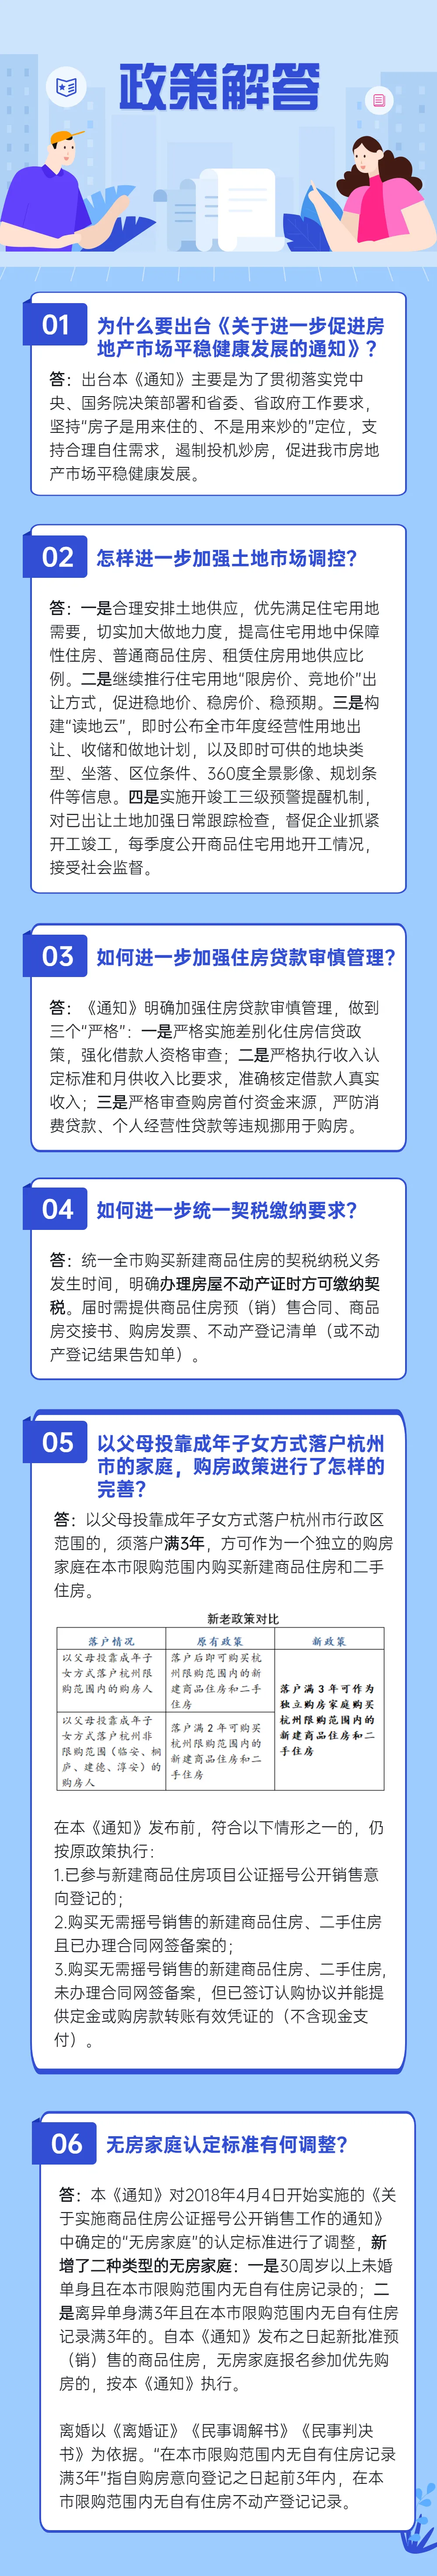 杭州发布进一步促进房地产市场平稳健康发展的通知-中国网地产